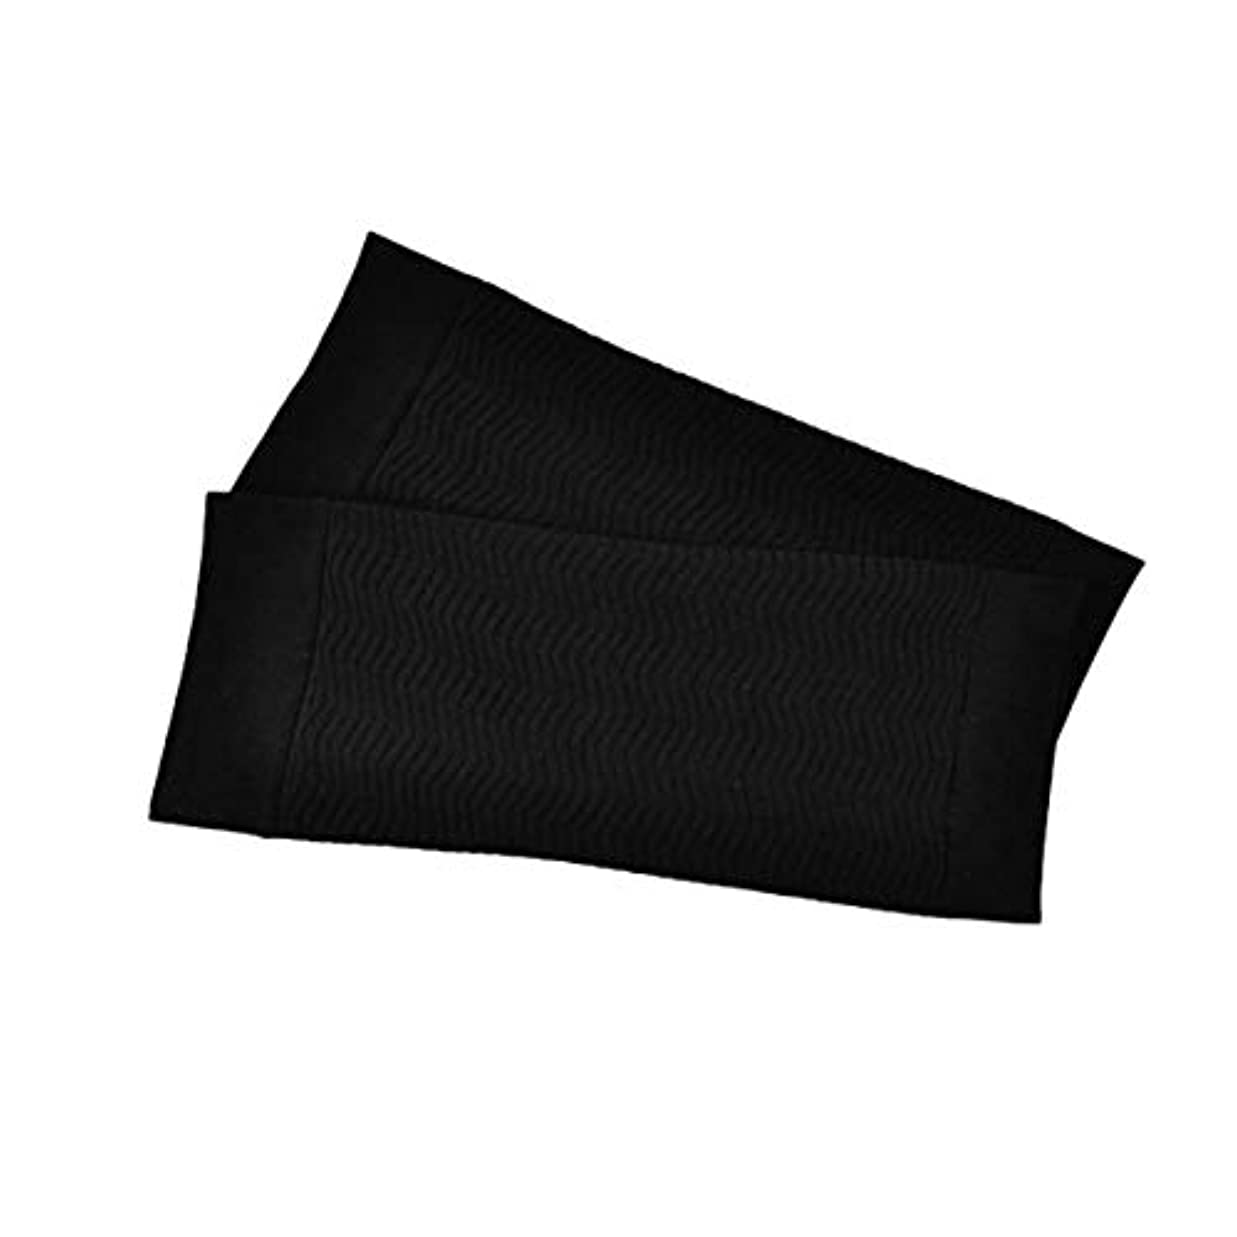 豊富に配当教科書1ペア680Dコンプレッションアームシェイパーワークアウトトーニングバーンセルライトスリミングアームスリーブファットバーニングショートスリーブ女性用-ブラック